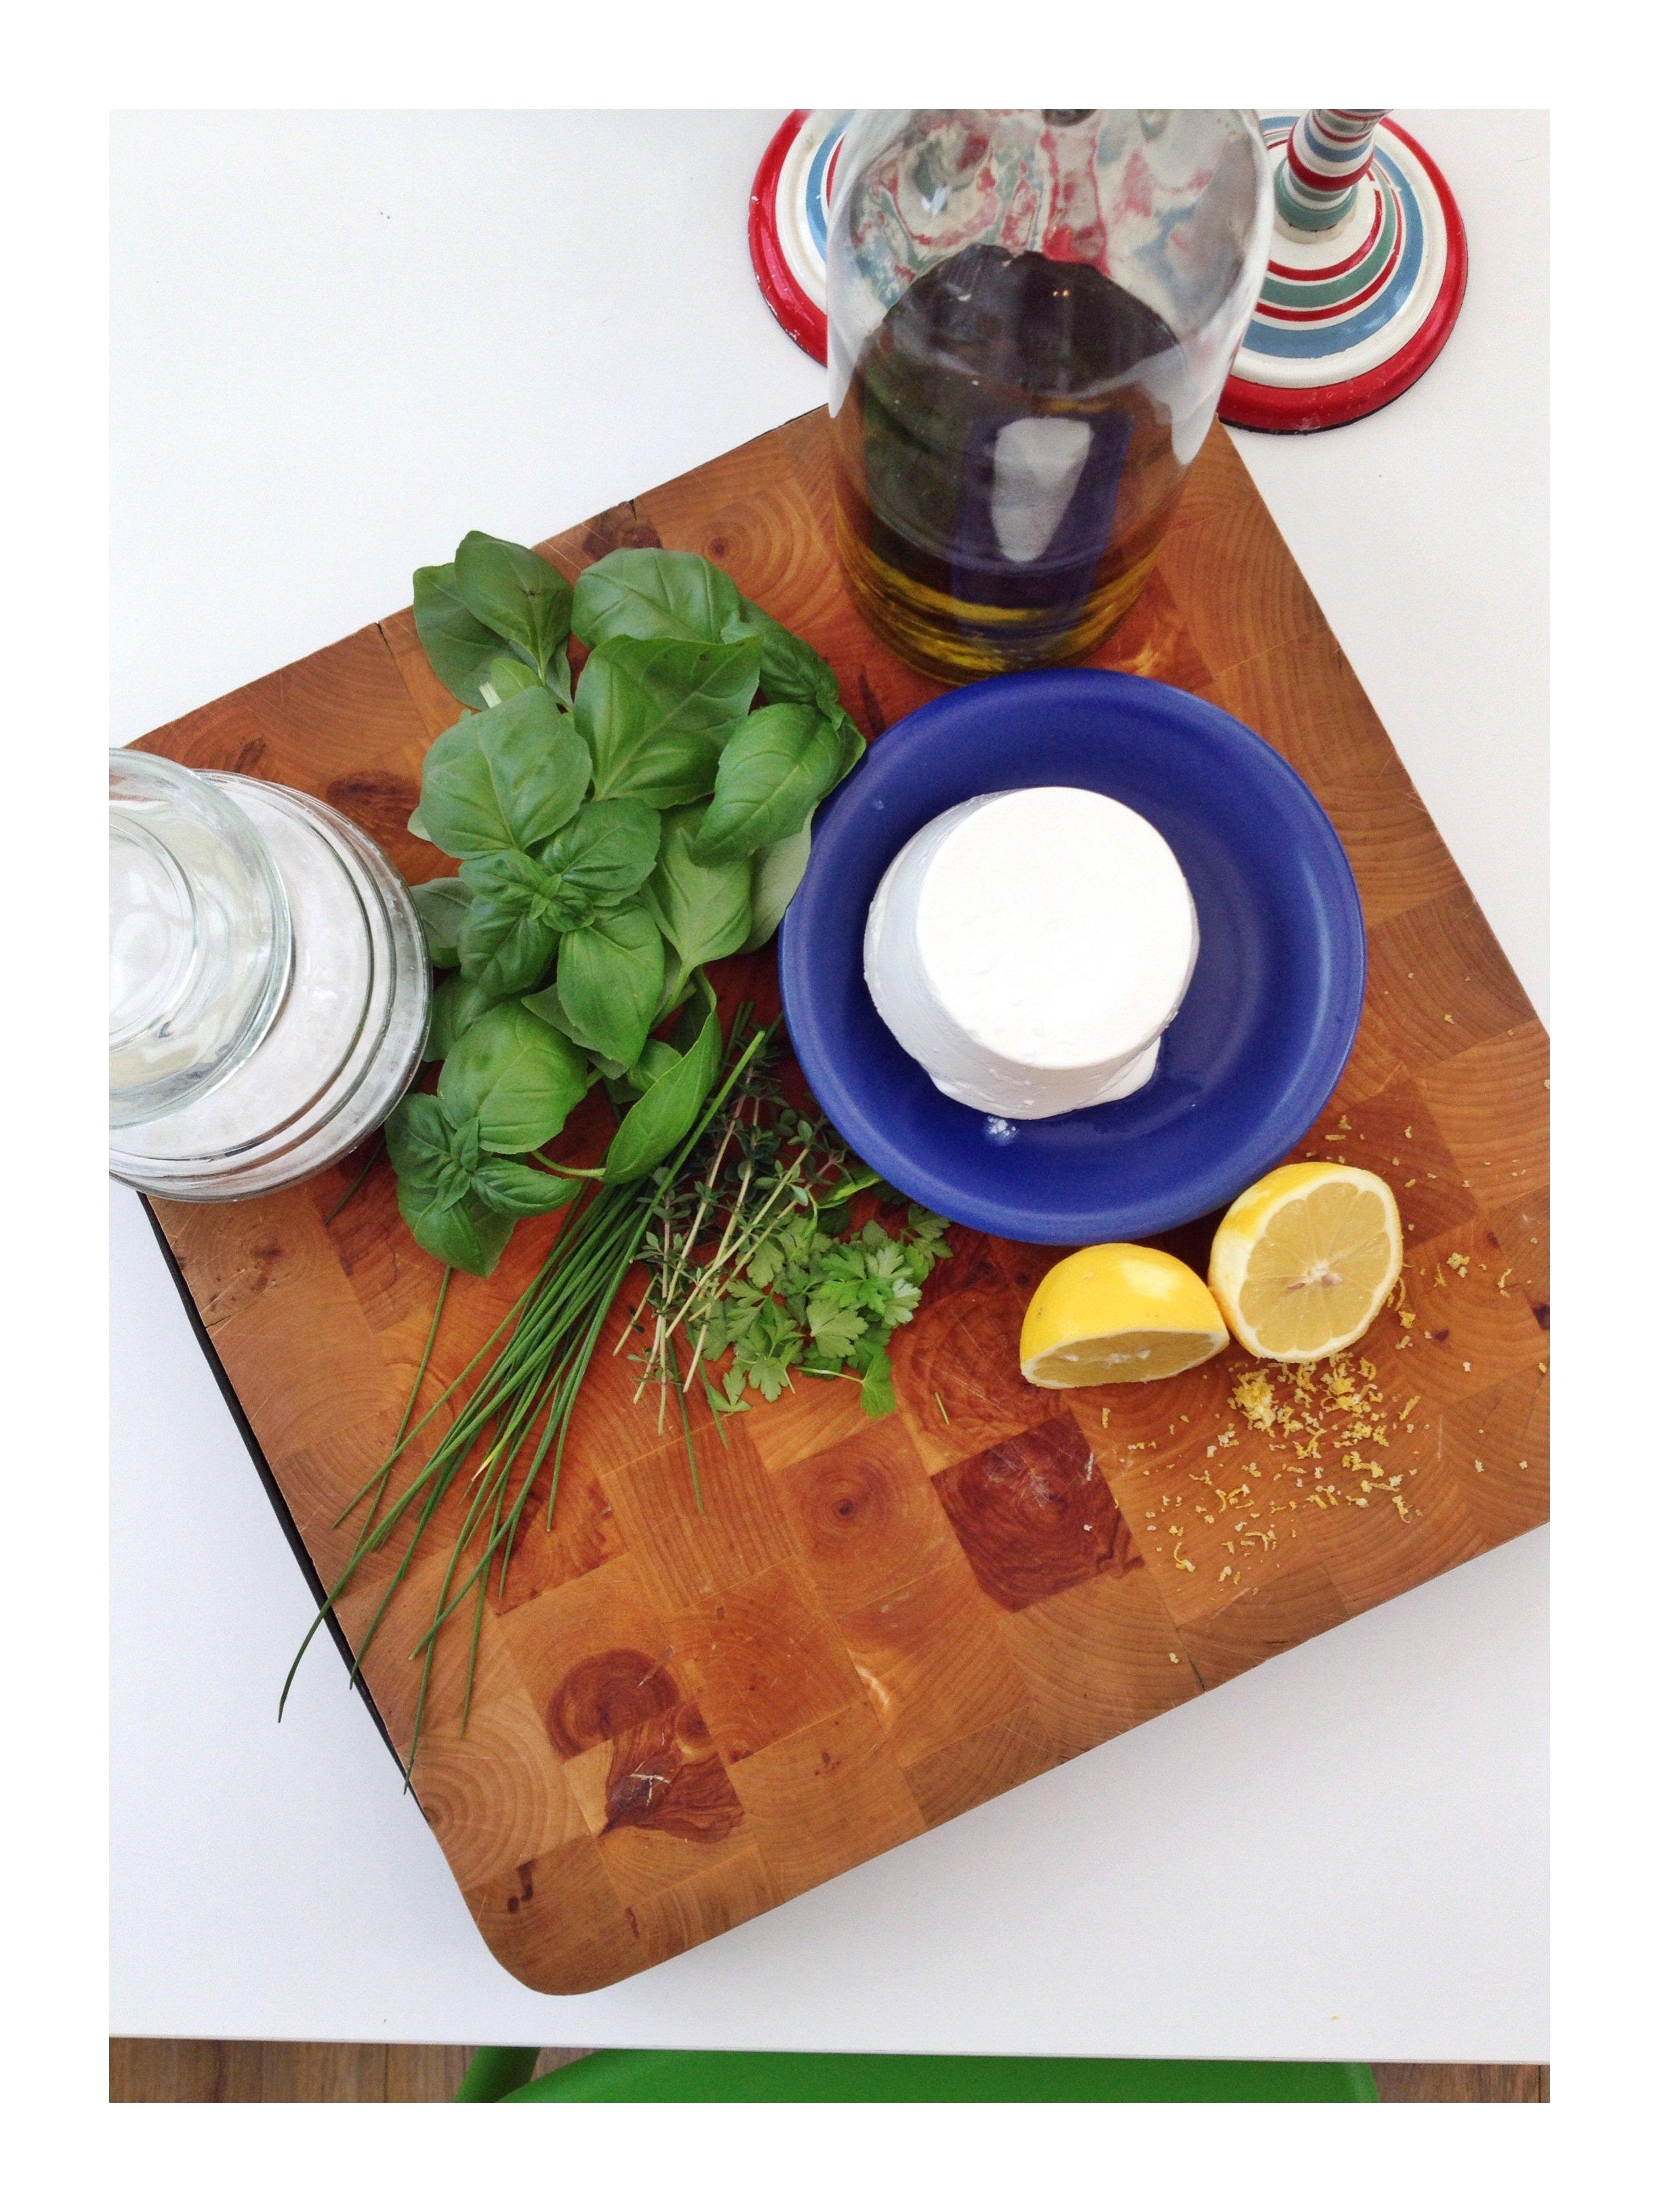 Lemon & herb ricotta dip